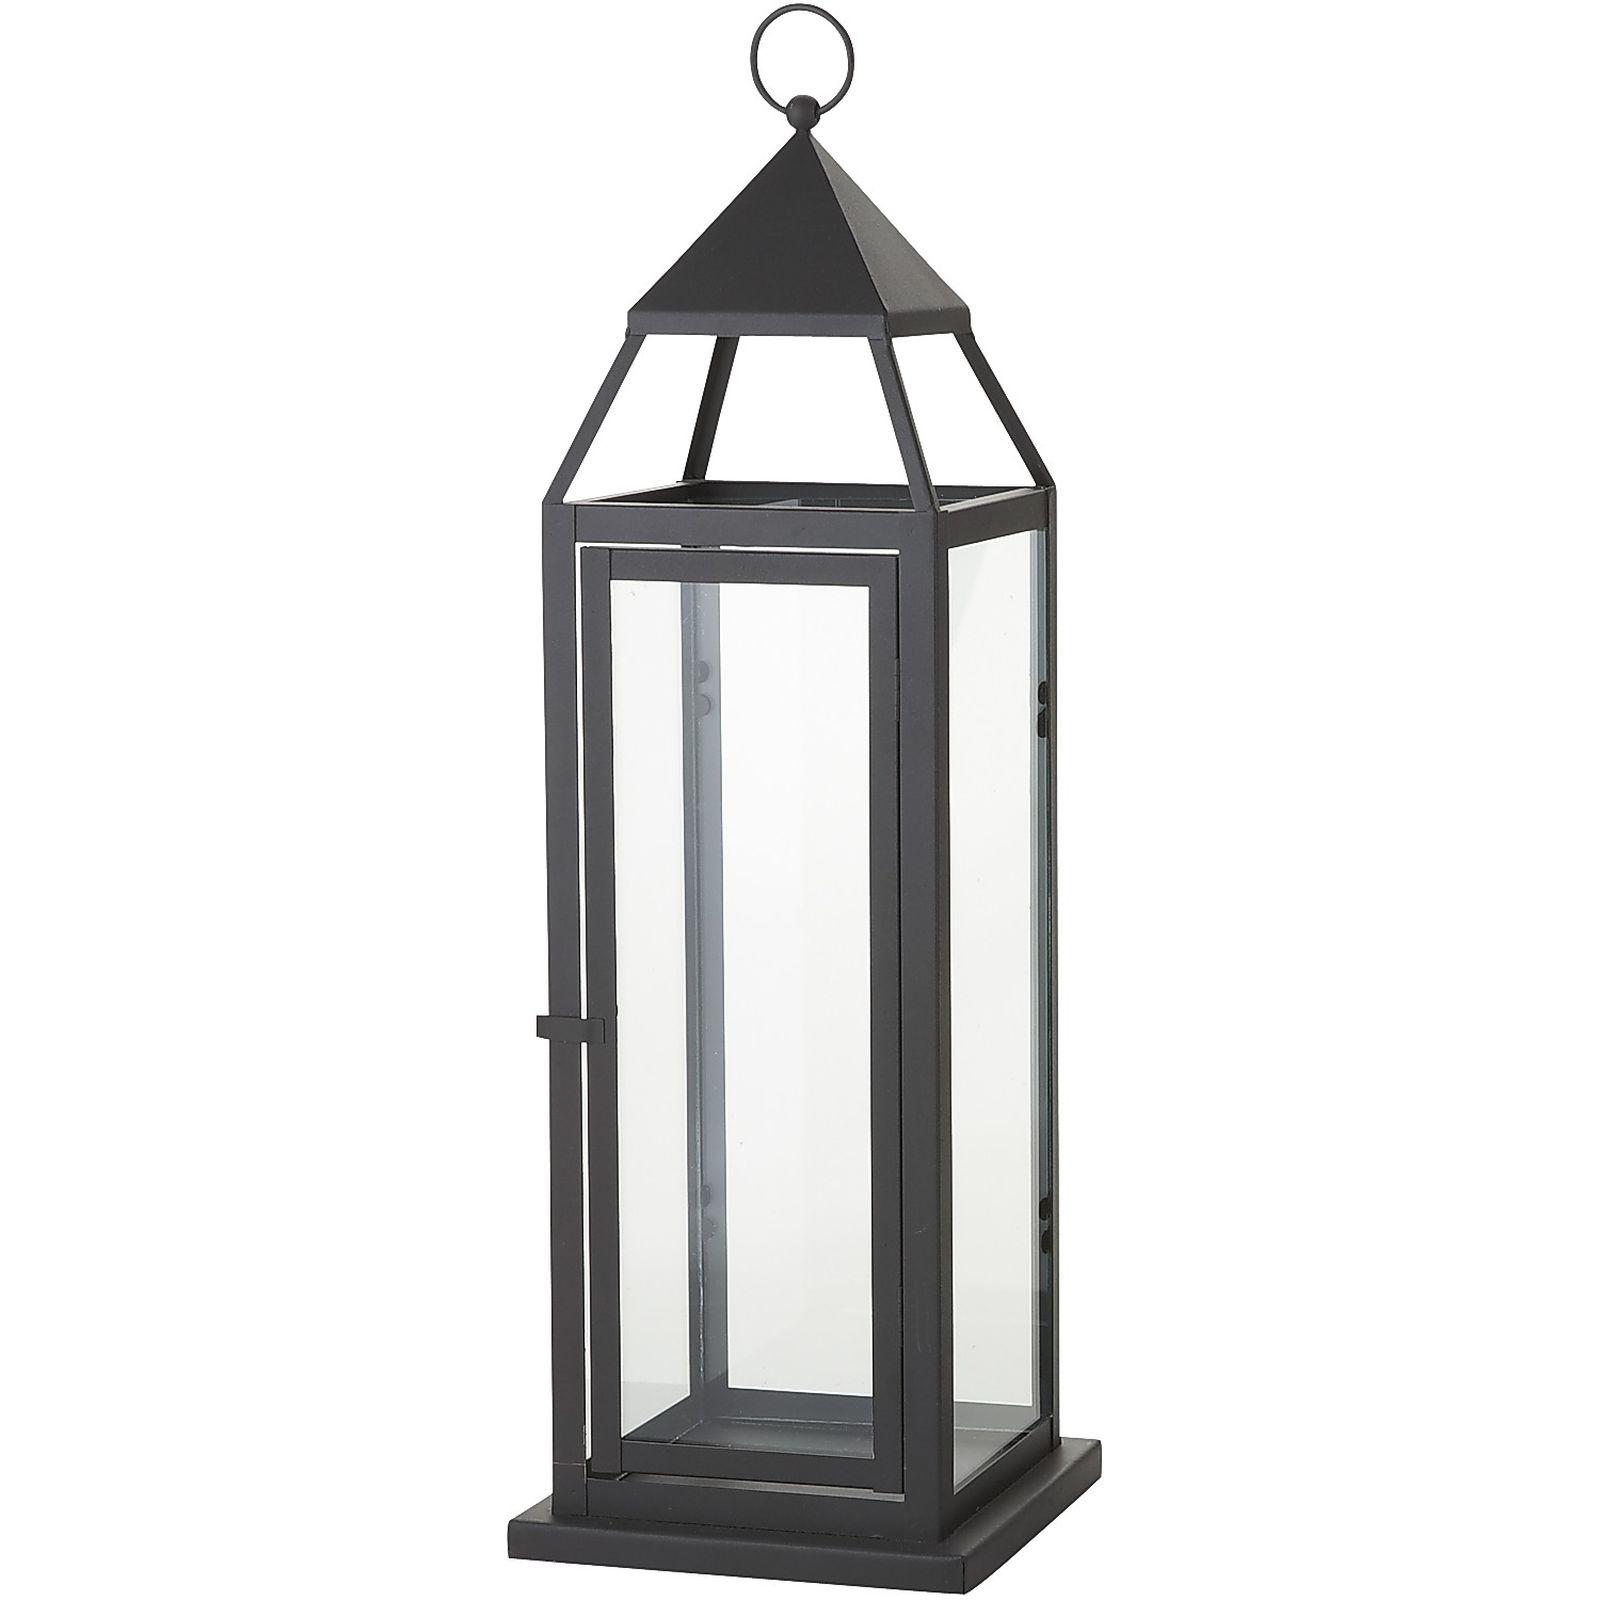 Outdoor Hanging Metal Lanterns Regarding Famous Large Hanging Outdoor Candle Lanterns – Outdoor Designs (View 13 of 20)